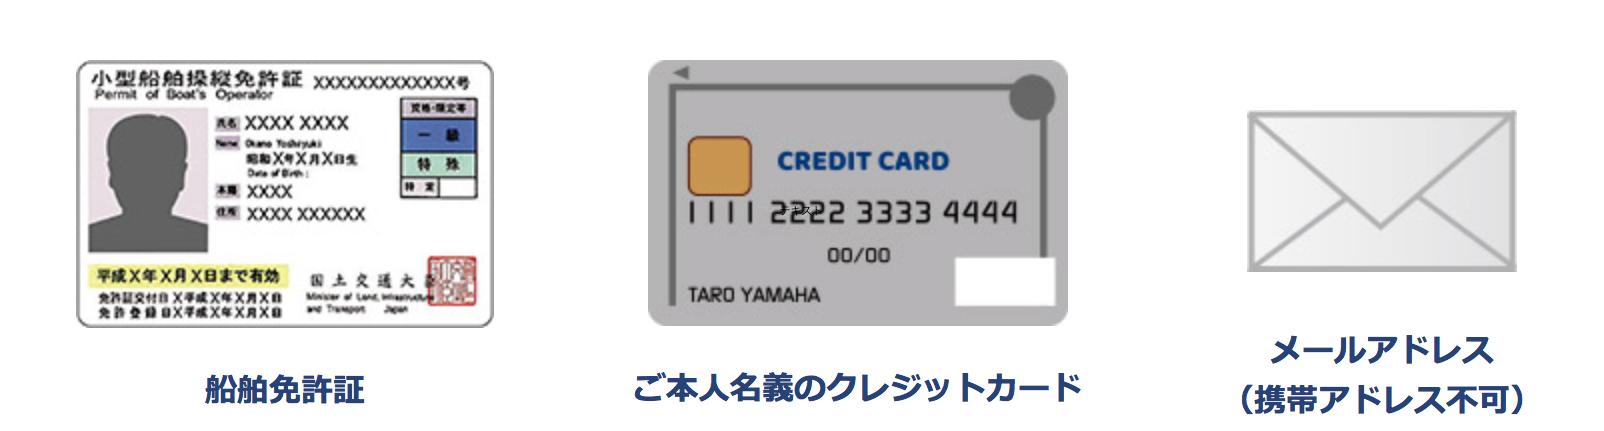 船舶免許書,ご本人名義のクレジットカード、メールアドレス(携帯アドレス不可)